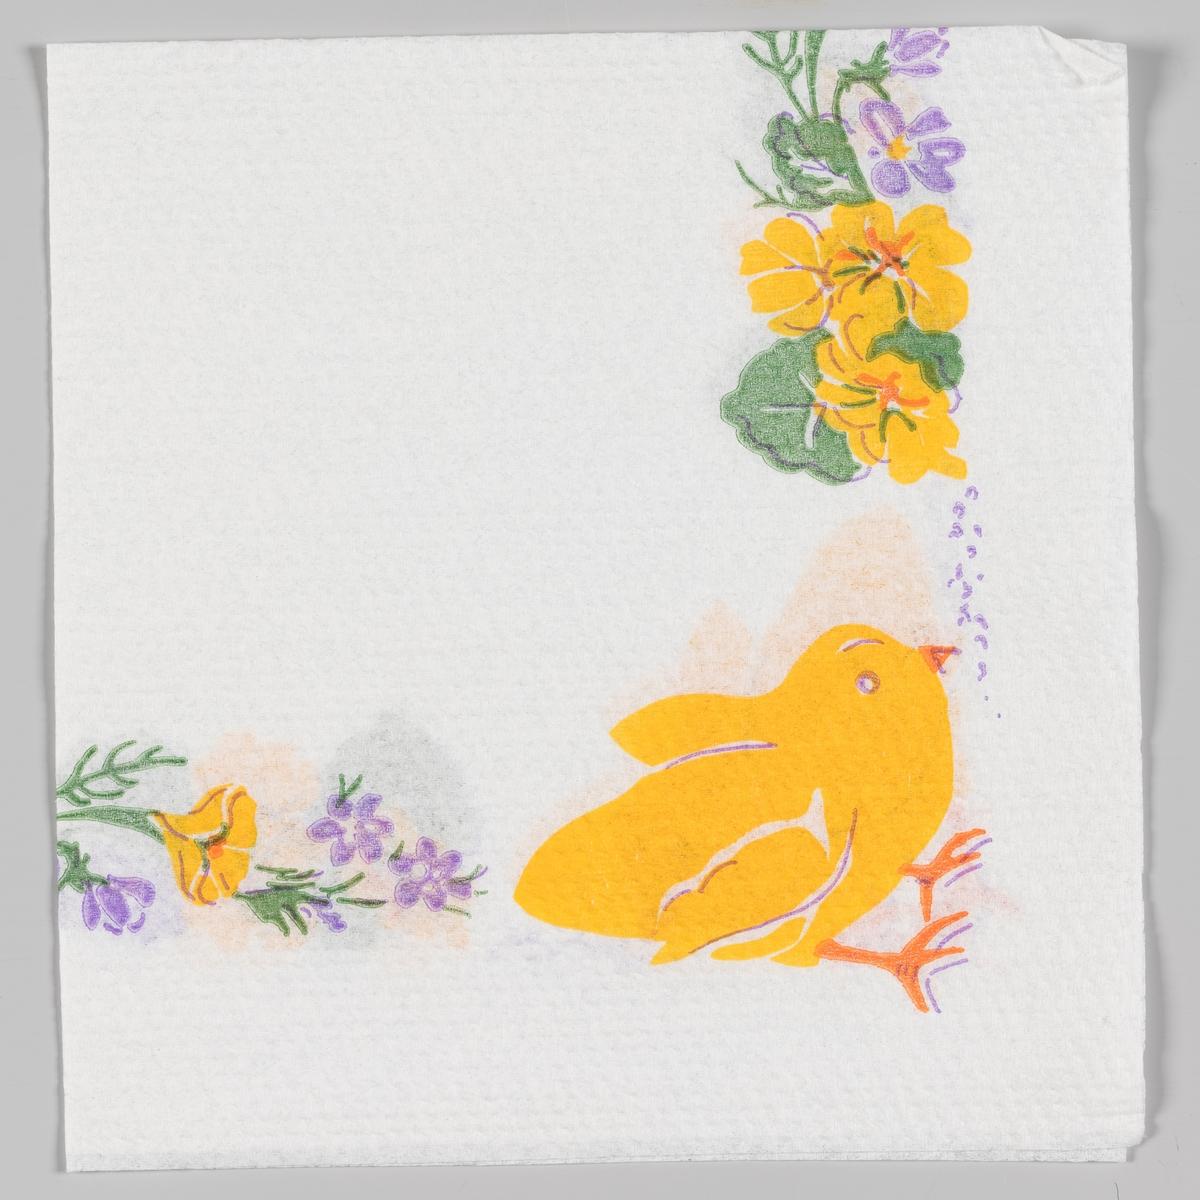 En kylling som leter etter korn og gule og lilla blomster.